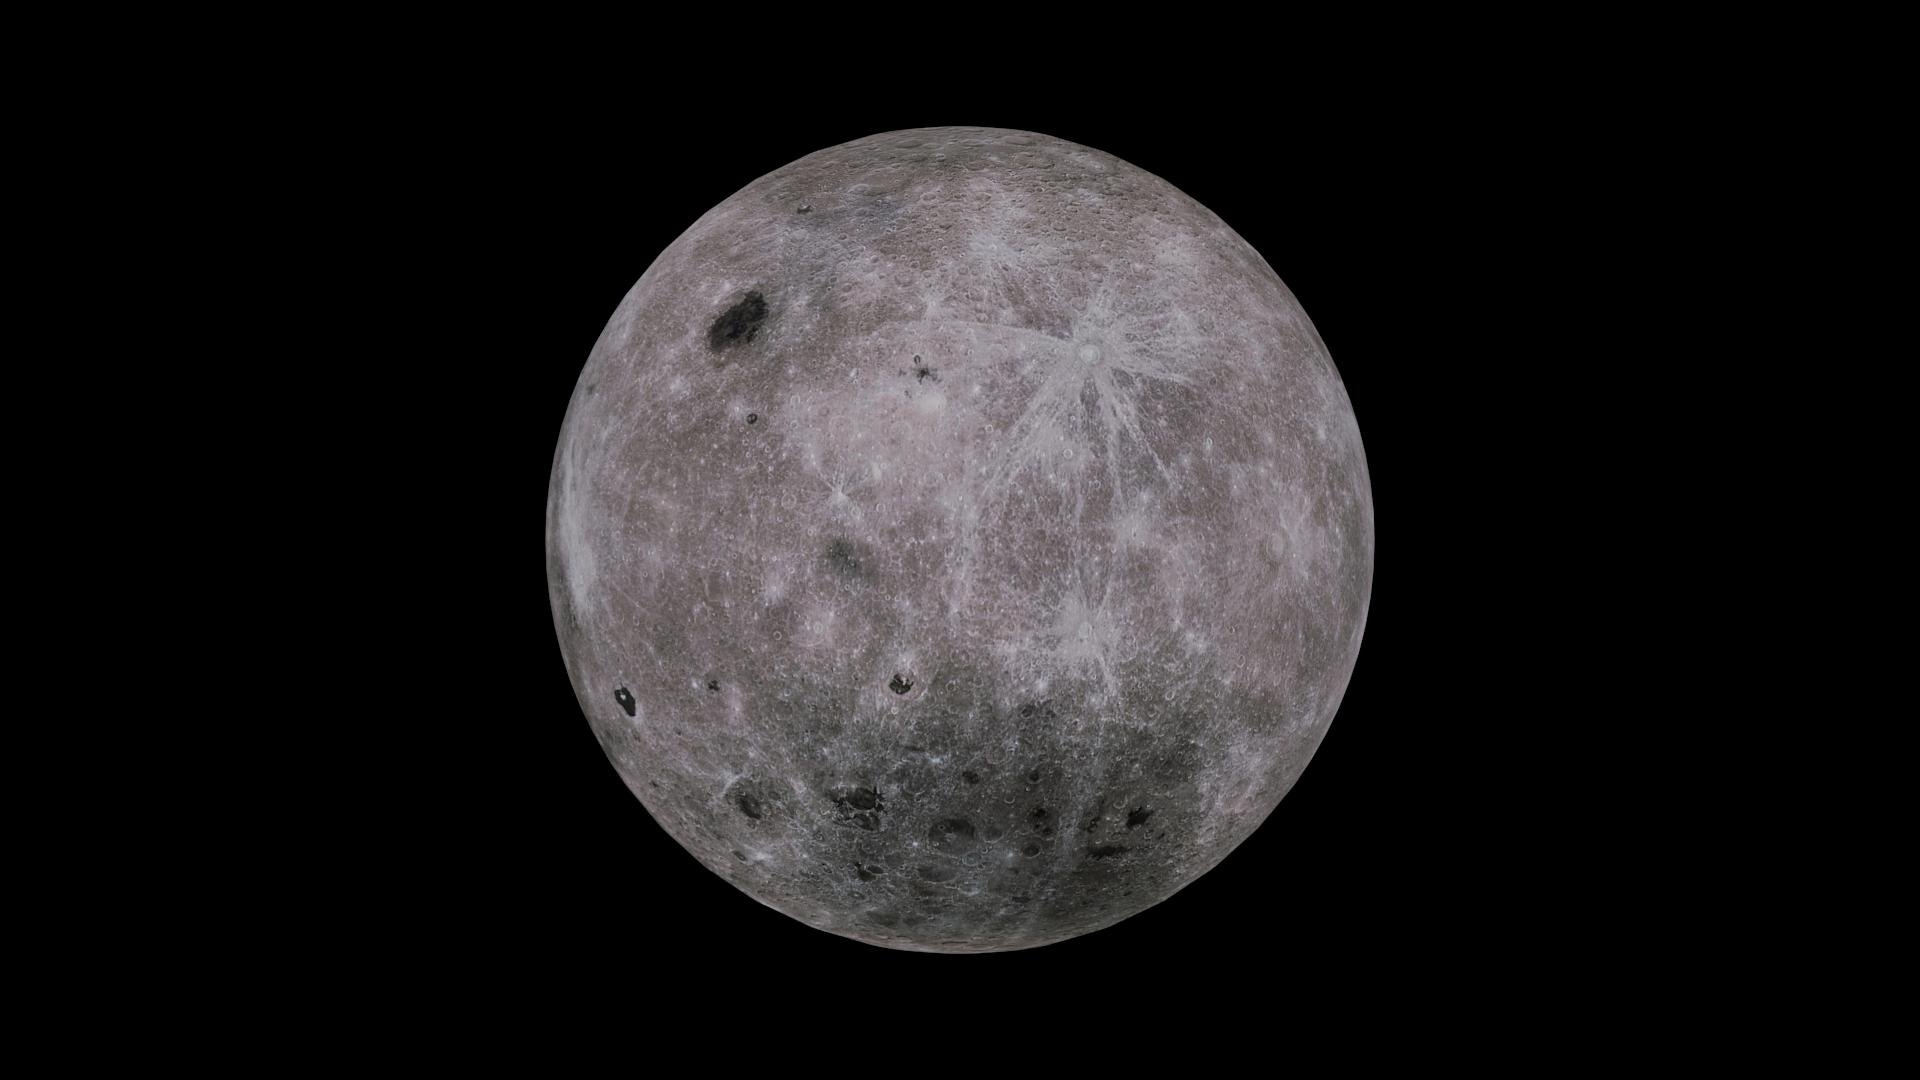 moon 4k 3d model 3ds fbx blend dae obj 210480